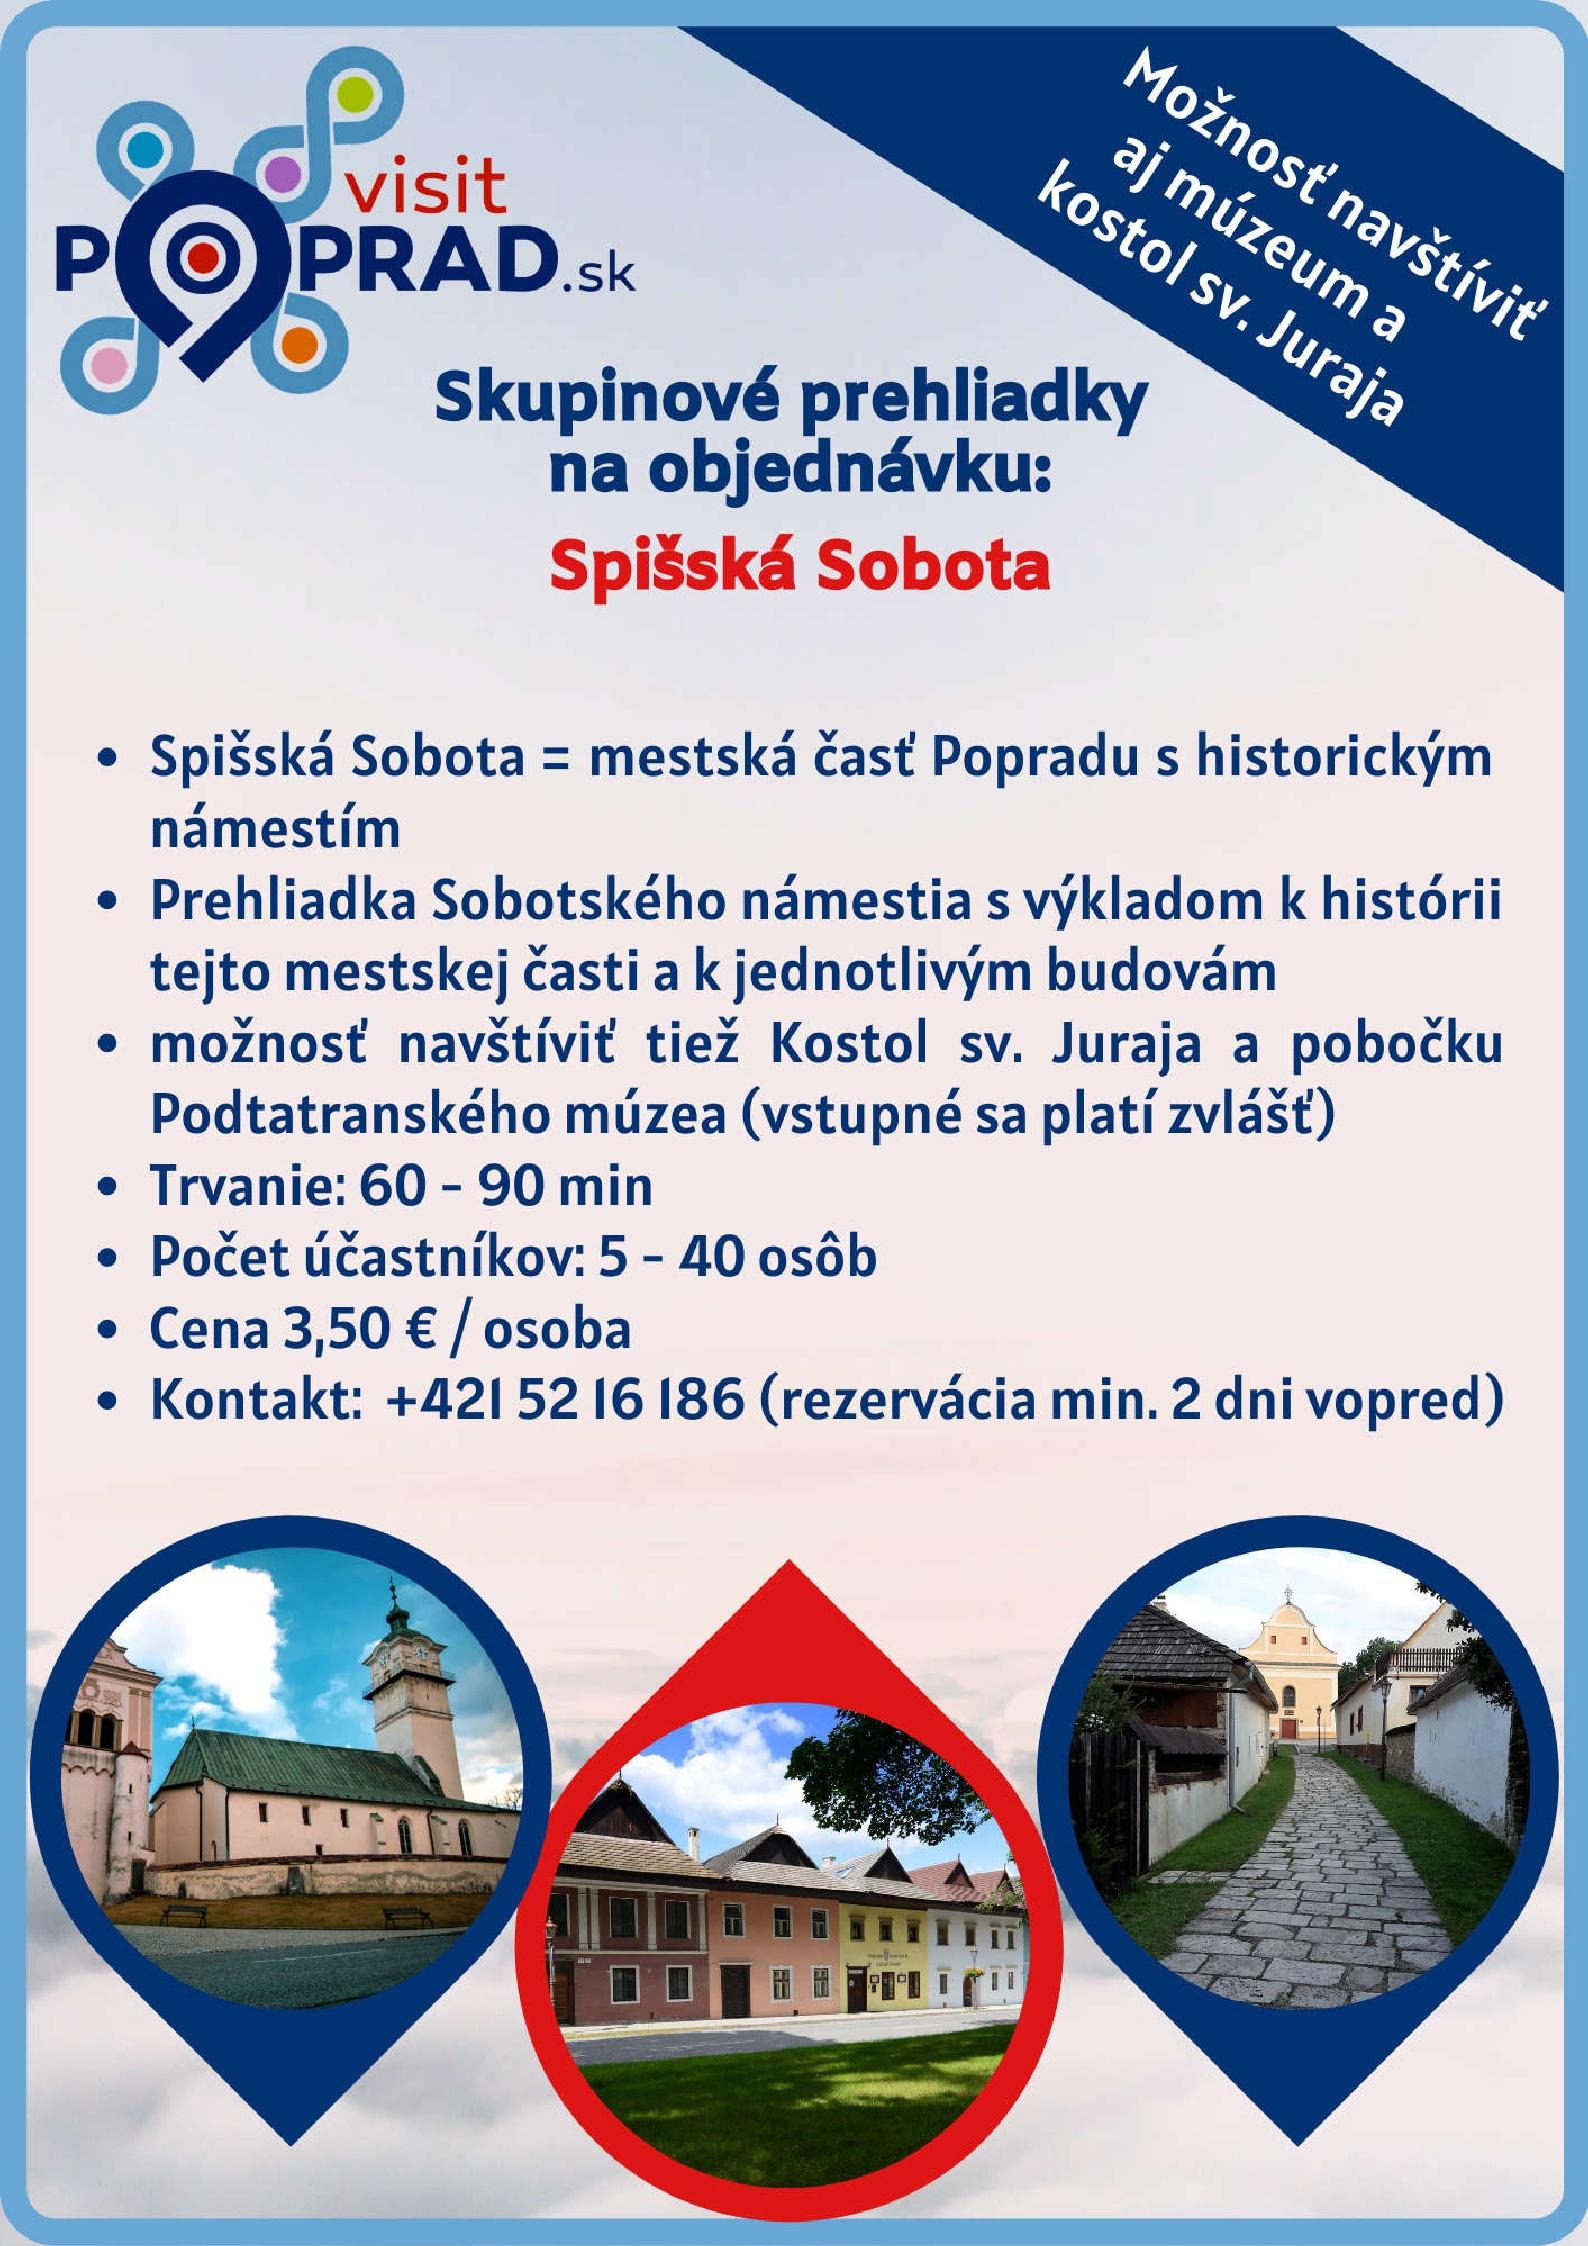 Spišská Sobota (trvanie: 2 hodiny), Cena: 3,50 €